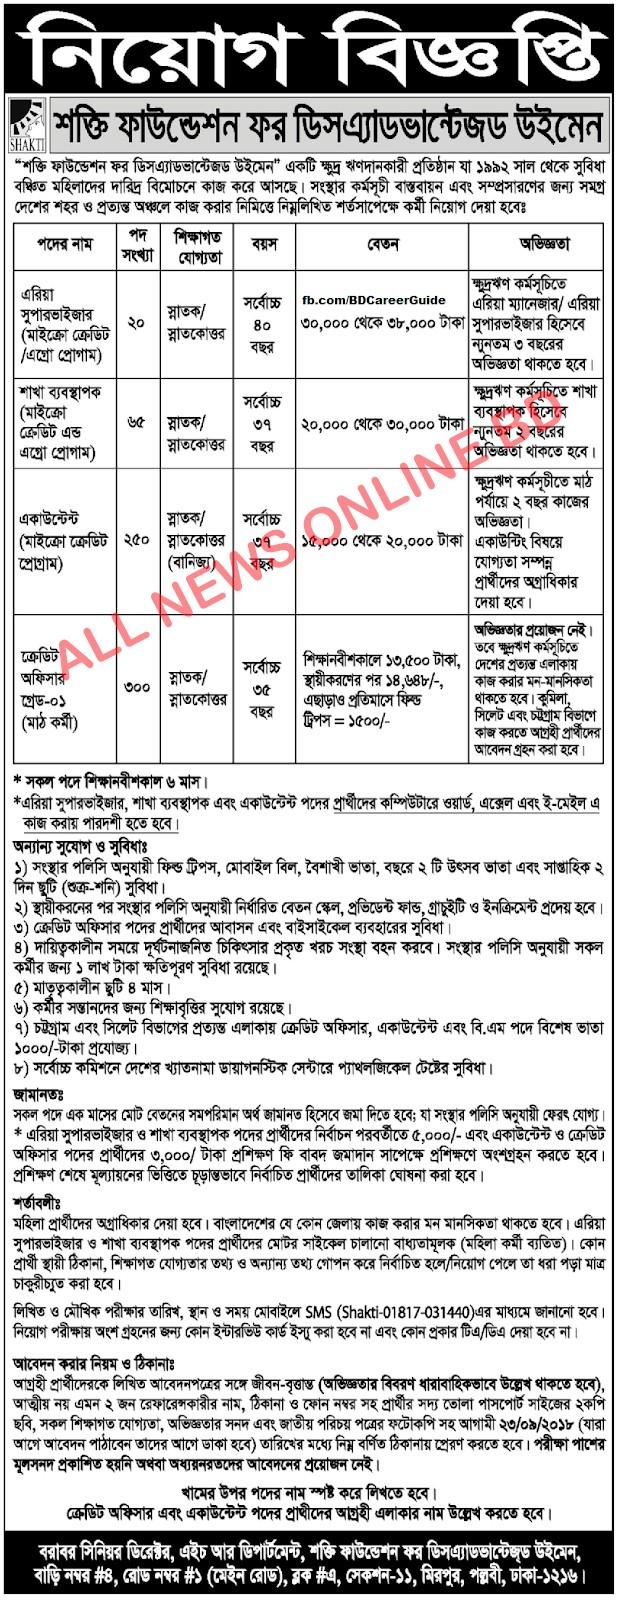 Shakti Foundation Job Circular 2018 1